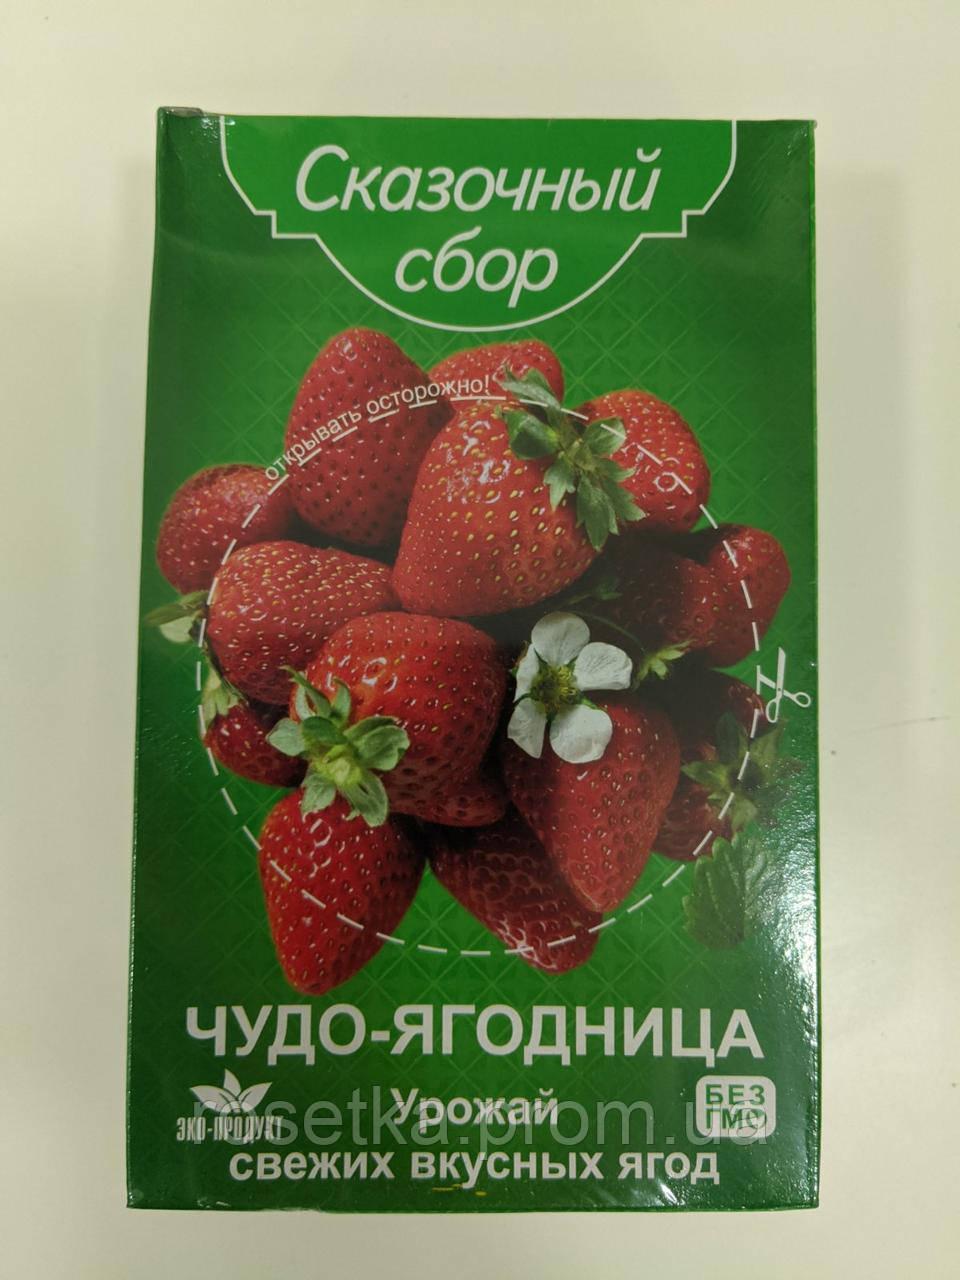 """Чудо-ягодница """"Сказочный сбор"""" набор для выращивания клубники на подоконнике"""